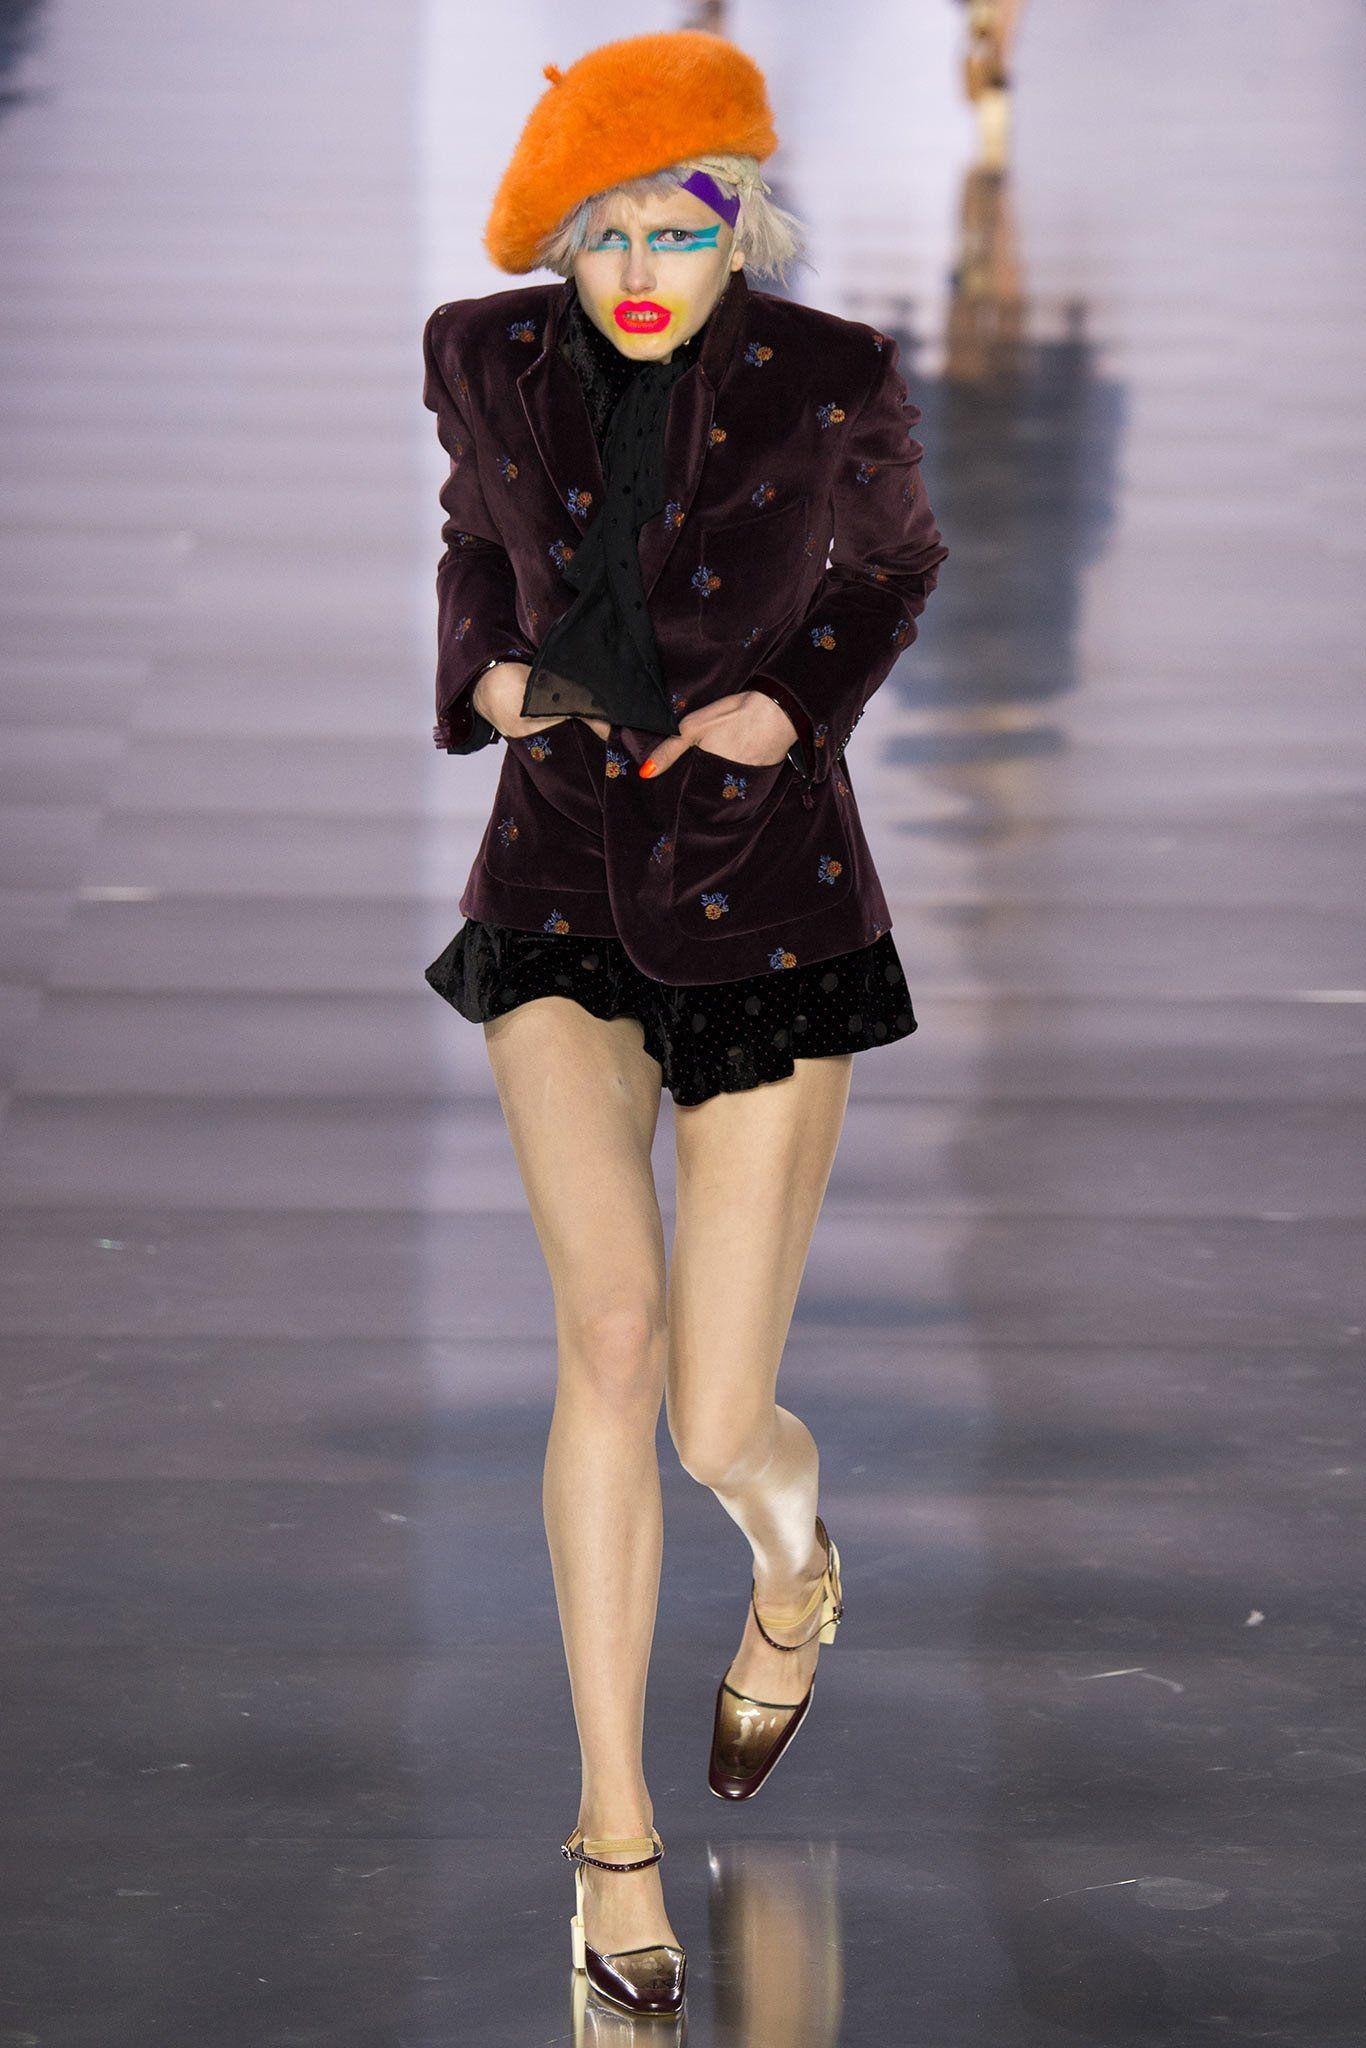 phần catwalk độc đáo tại tuần lễ thời trang paris 2015 của thương hiệu Maison Margiela